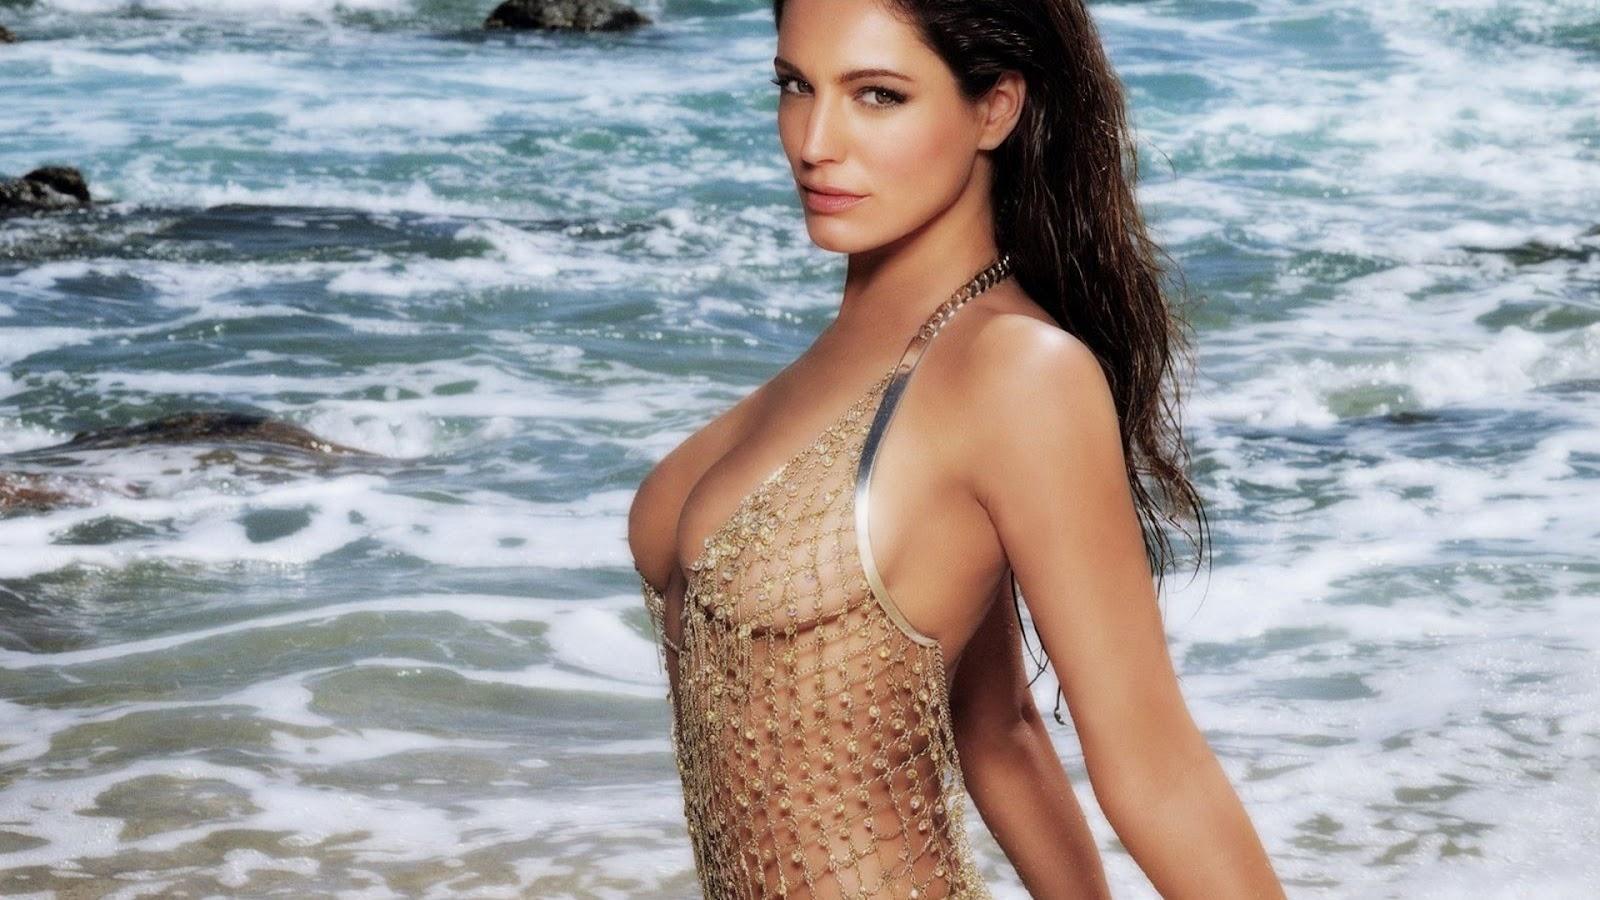 Самые красивые девушки франции голые фото 24 фотография